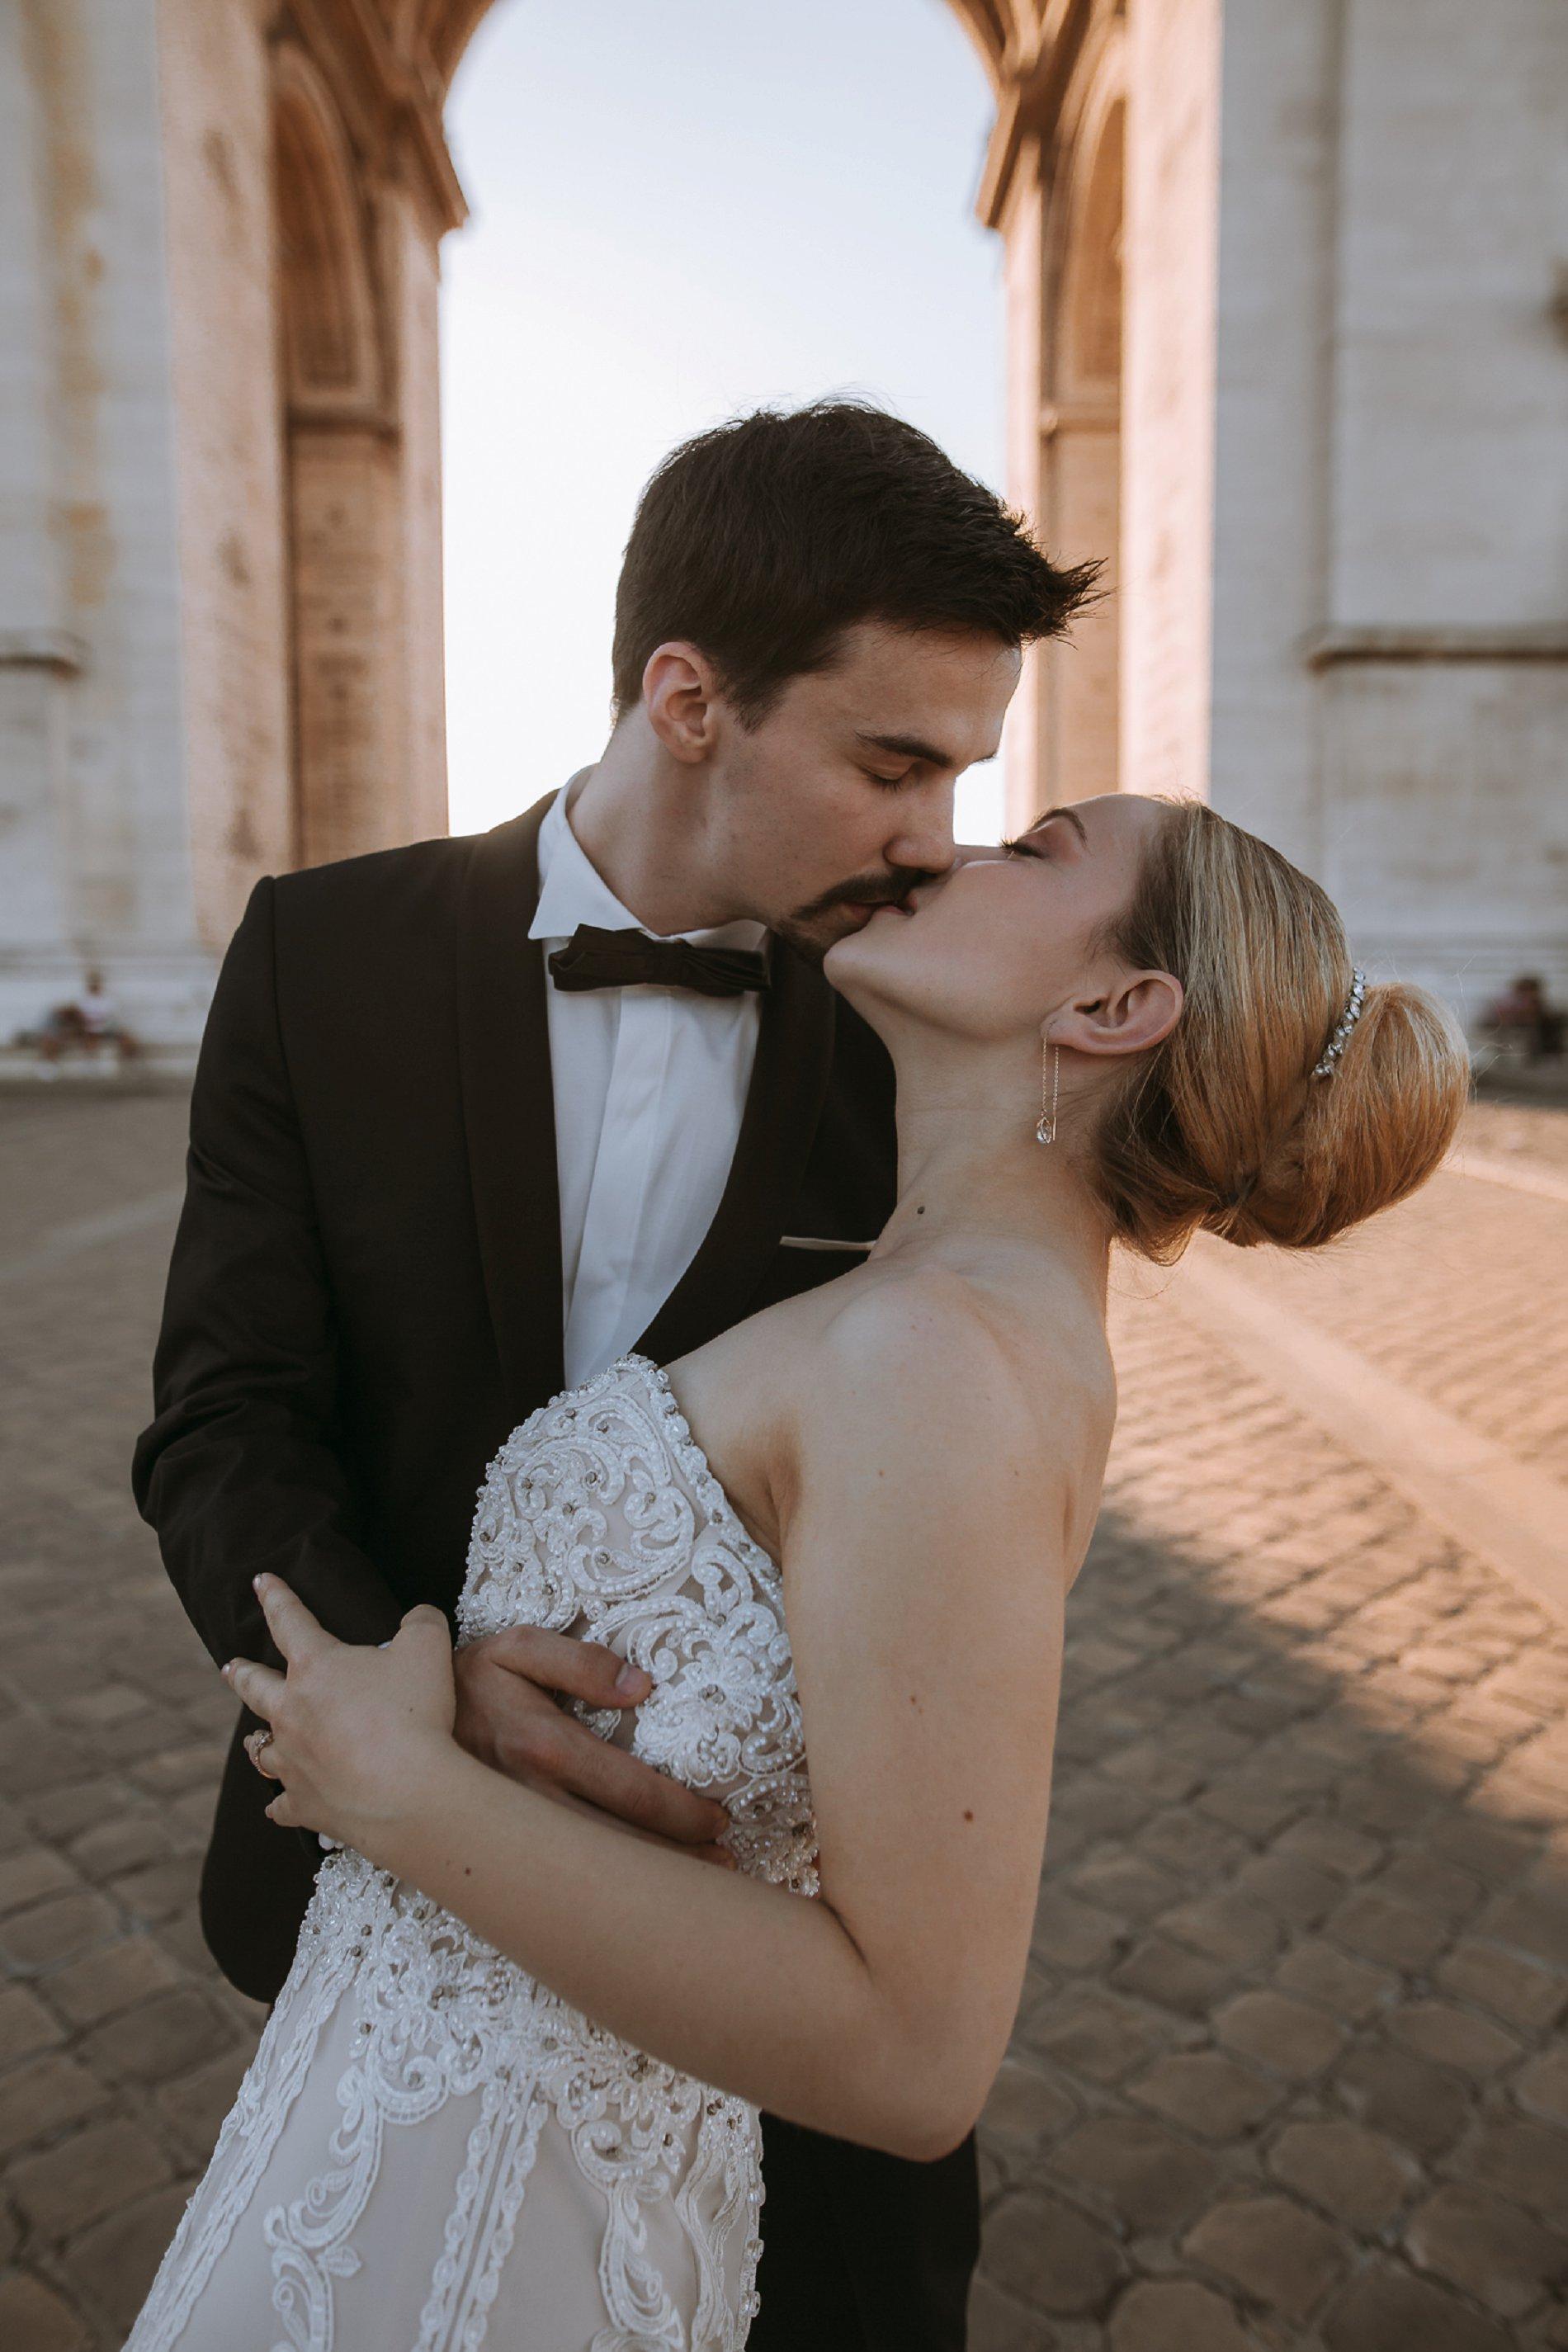 Miss He Bridal Romantic Paris Elopement (c) Xanthe Rowland Photography (38)